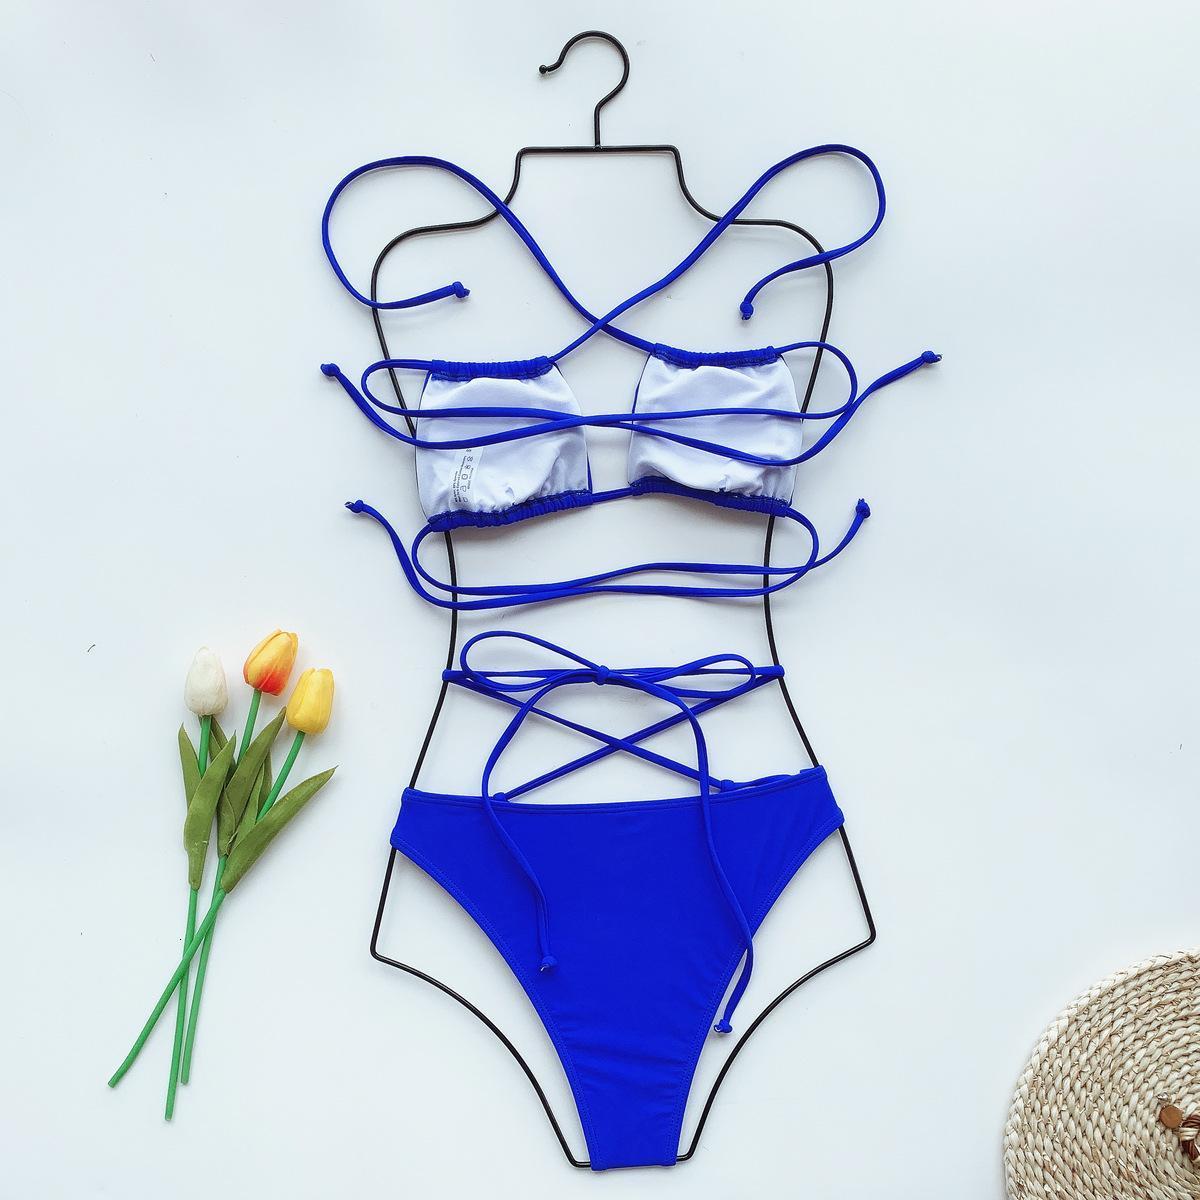 New Swimsuit Leopard Print Solid Bikini Strap Swimsuit Swimsuit for Women Bathing Suit Sexy Women Beachwear Hot Sale